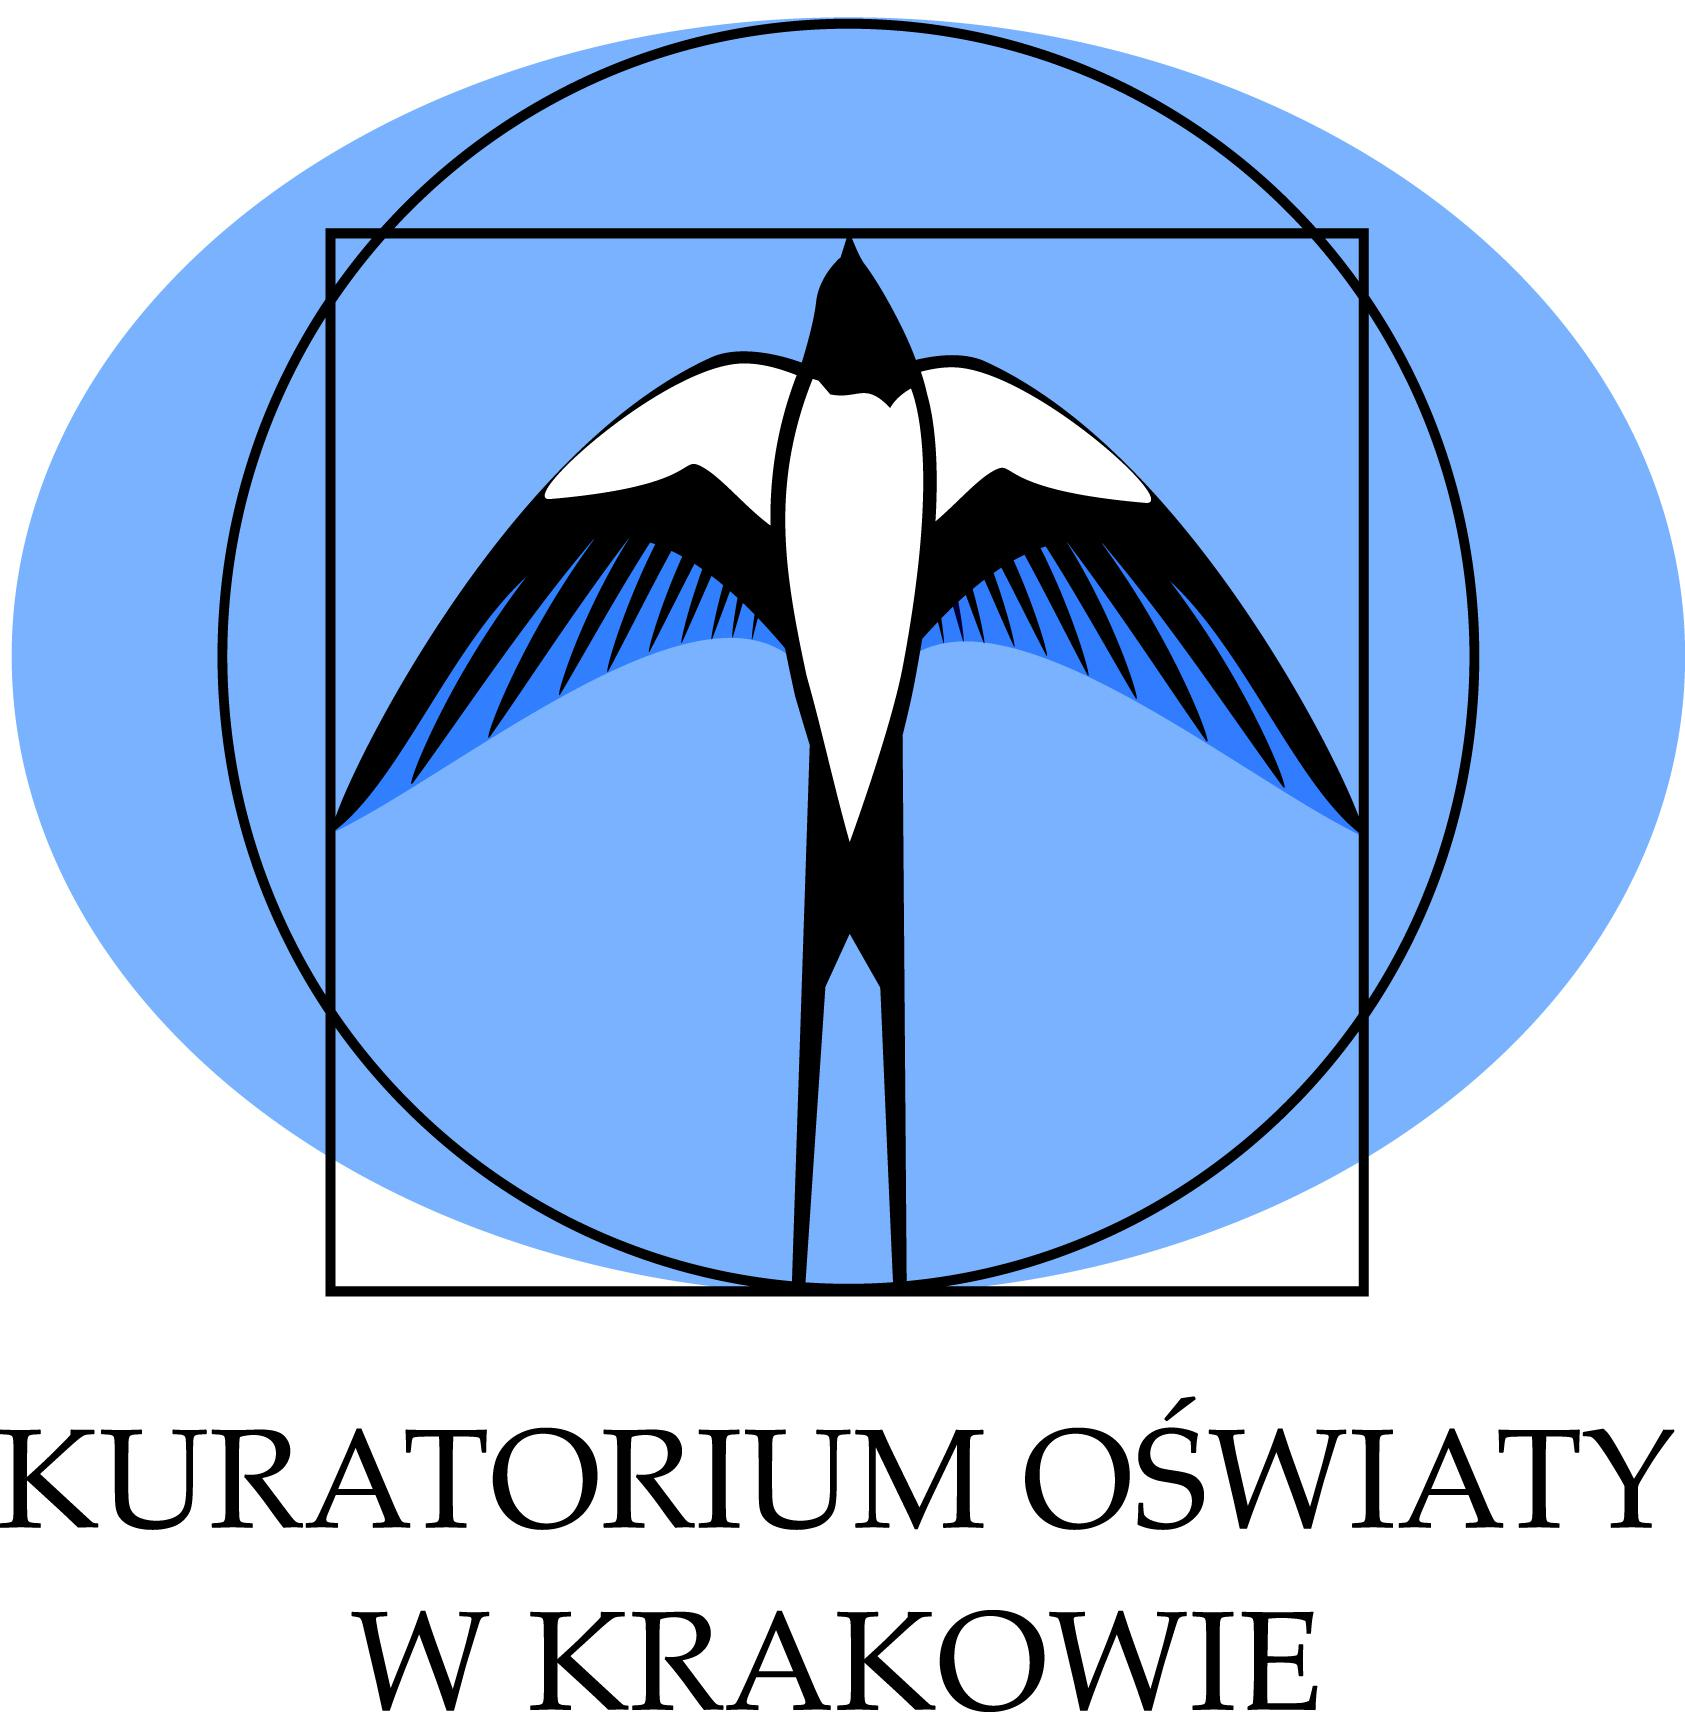 Kuratorium Oświaty w Krakowie